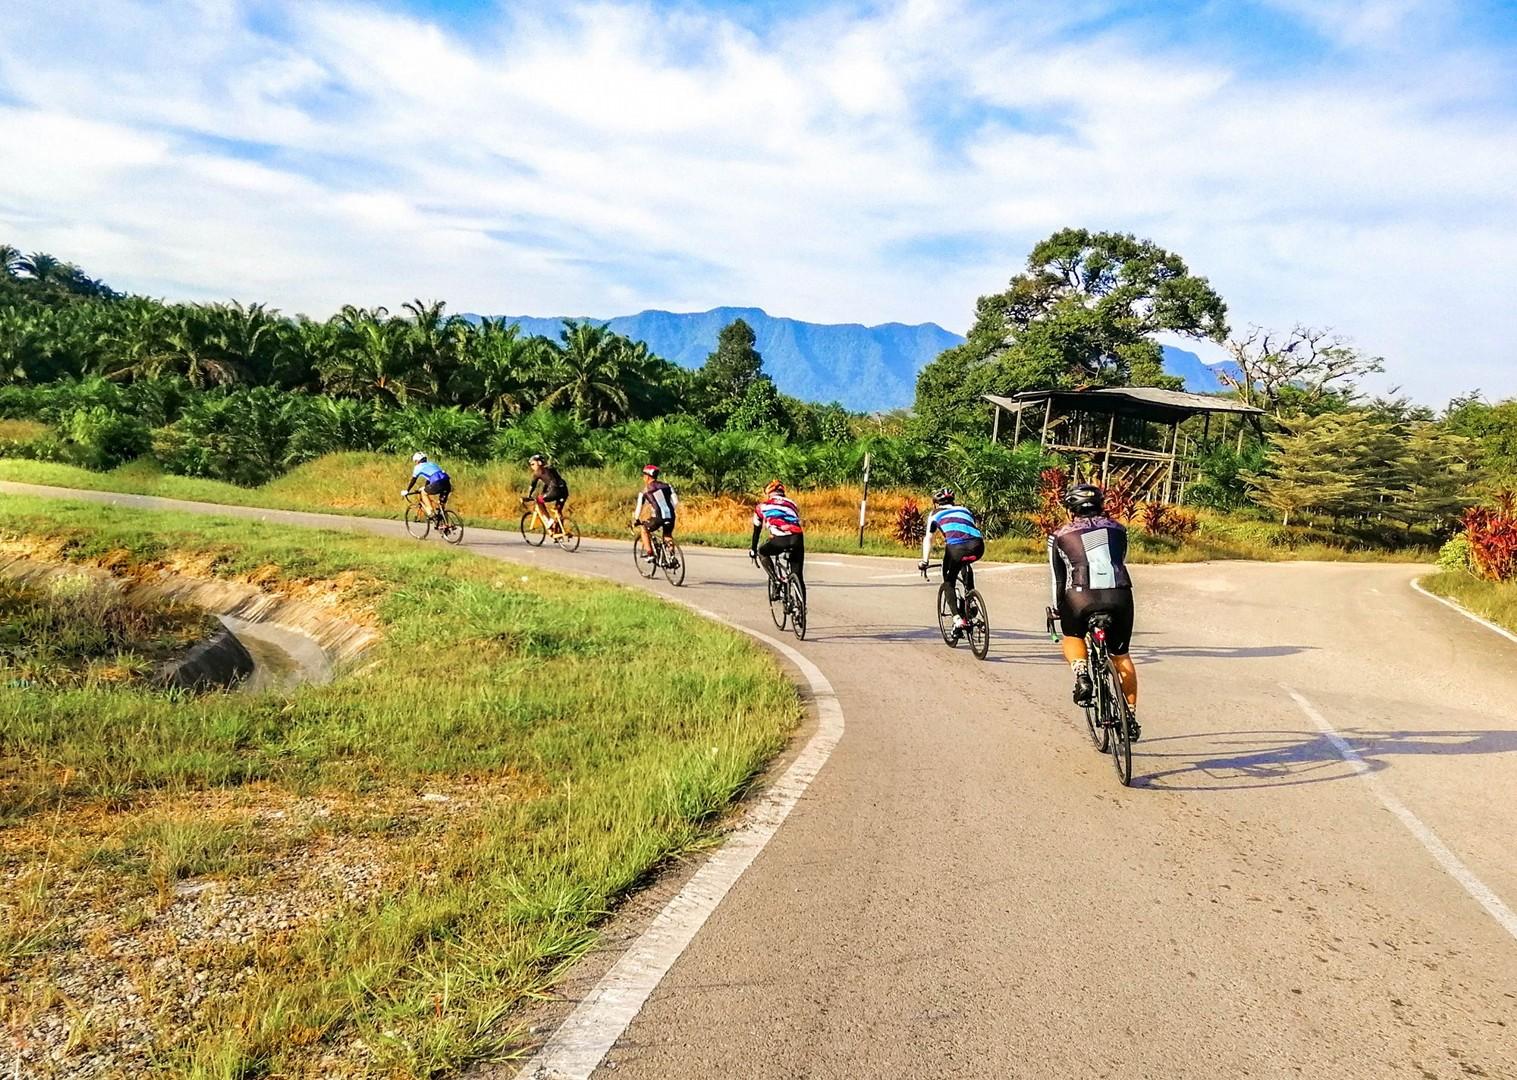 road-cycling-sarawak-to-sabah-borneo-holiday.jpg - Borneo - Sarawak to Sabah - Guided Road Cycling Holiday - Road Cycling